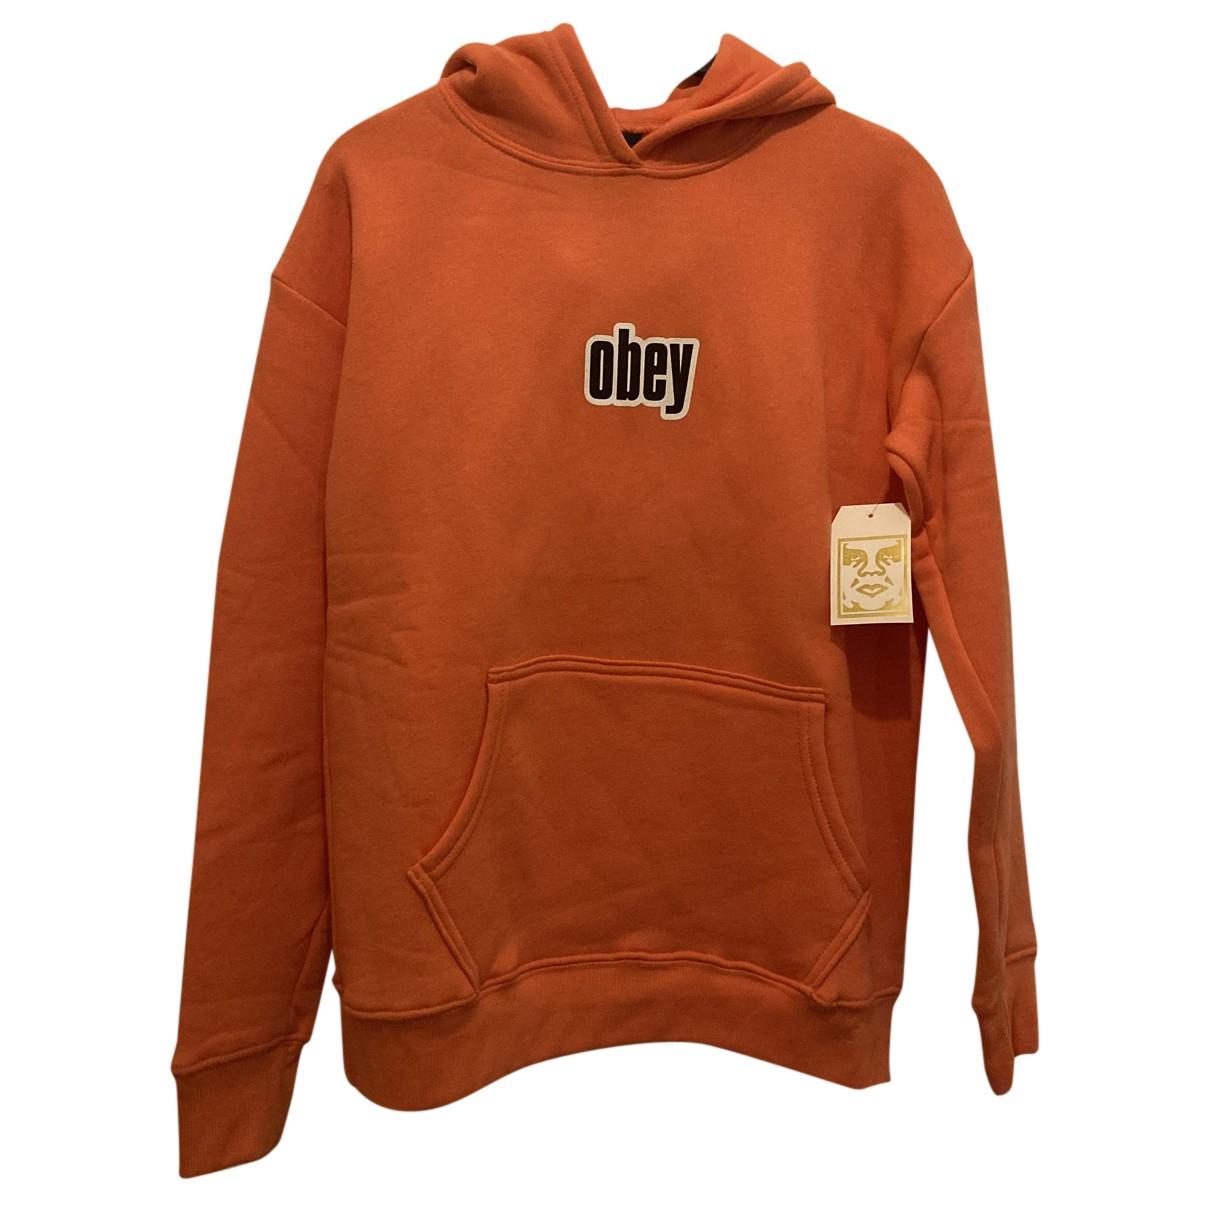 Obey - Top   pour femme en coton - orange